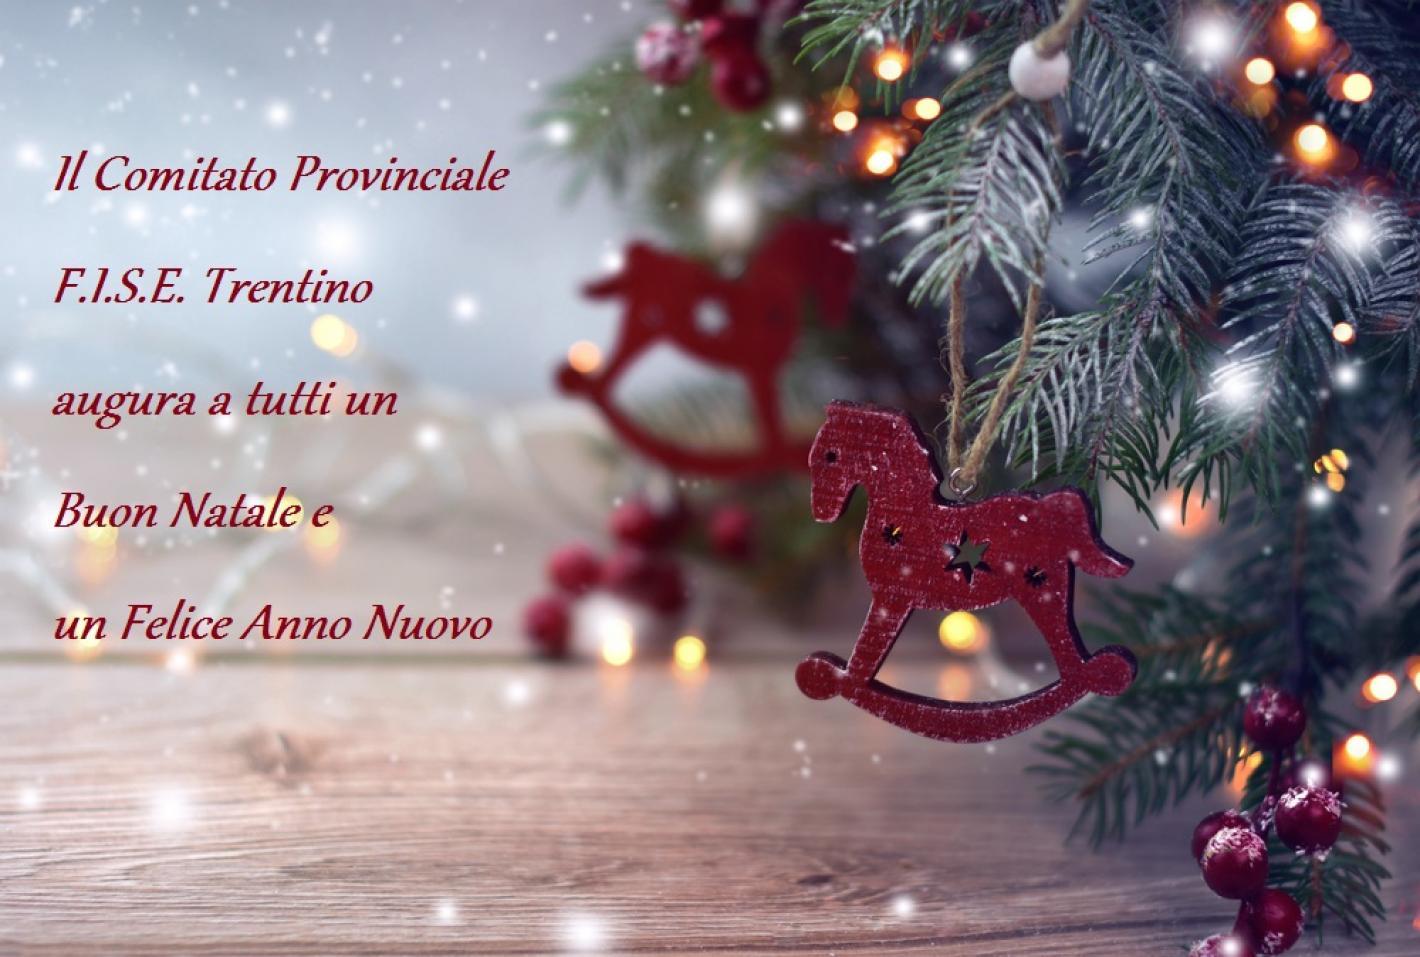 Auguri Di Buon Natale Felice Anno Nuovo.Federazione Italiana Sport Equestri Comitato Regionale Trentino Auguri Di Buon Natale E Un Felice Anno Nuovo